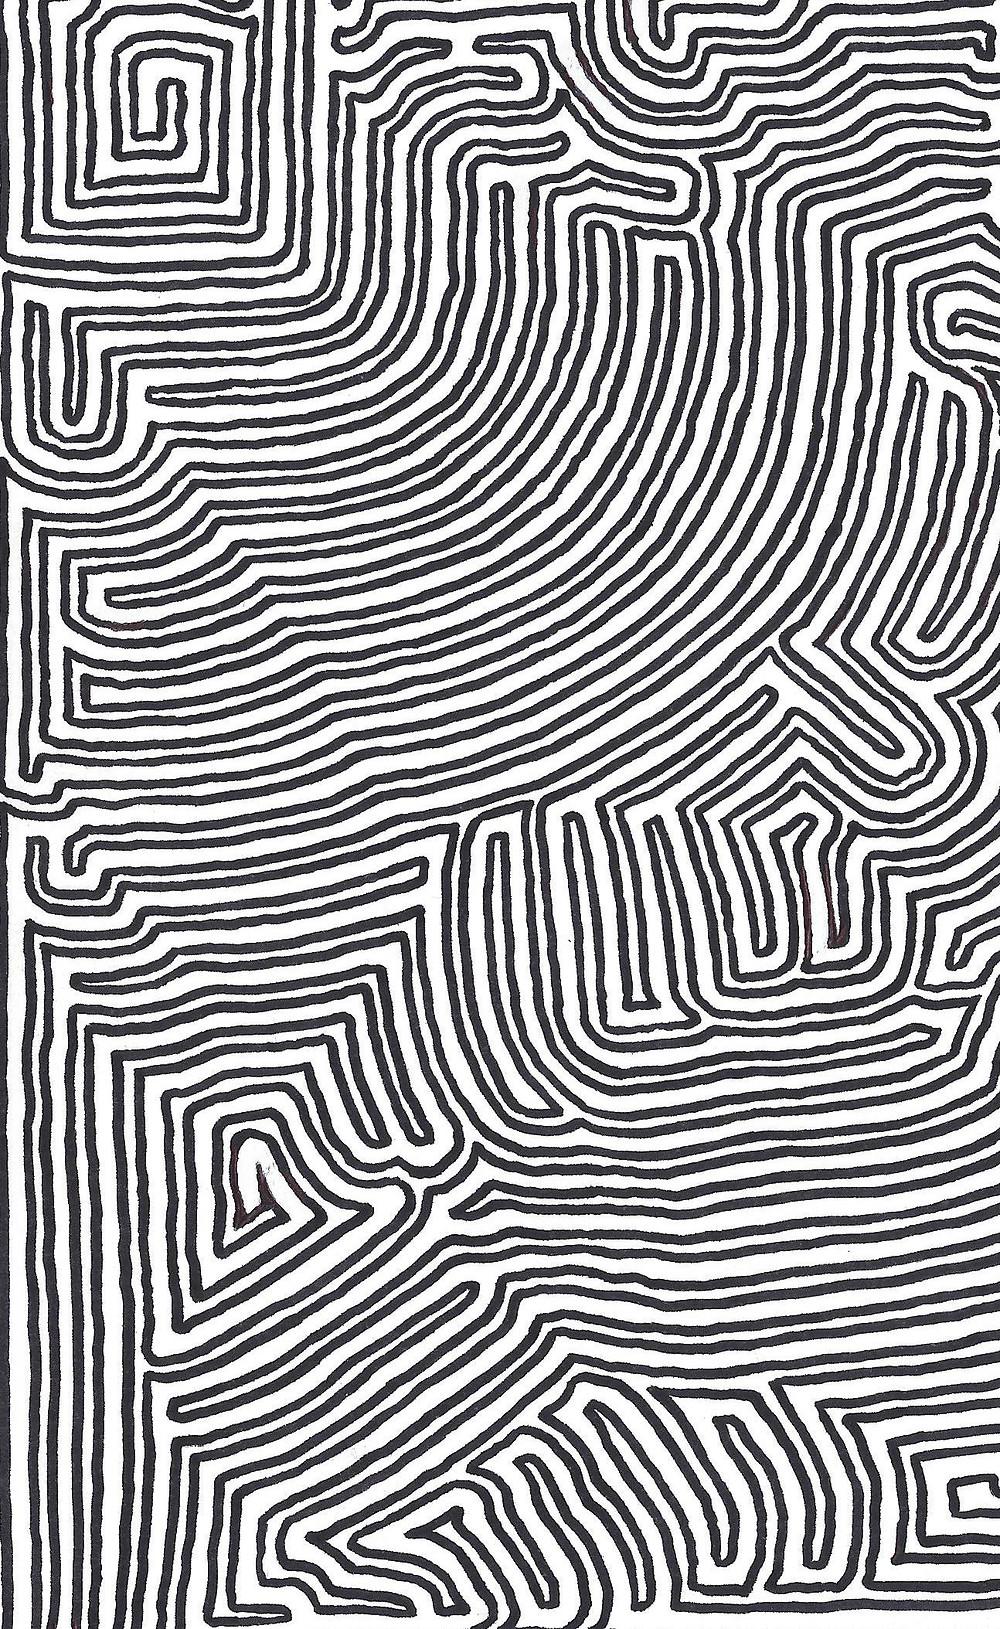 Section Of A MeiroKodo Maze Image (Volume I)